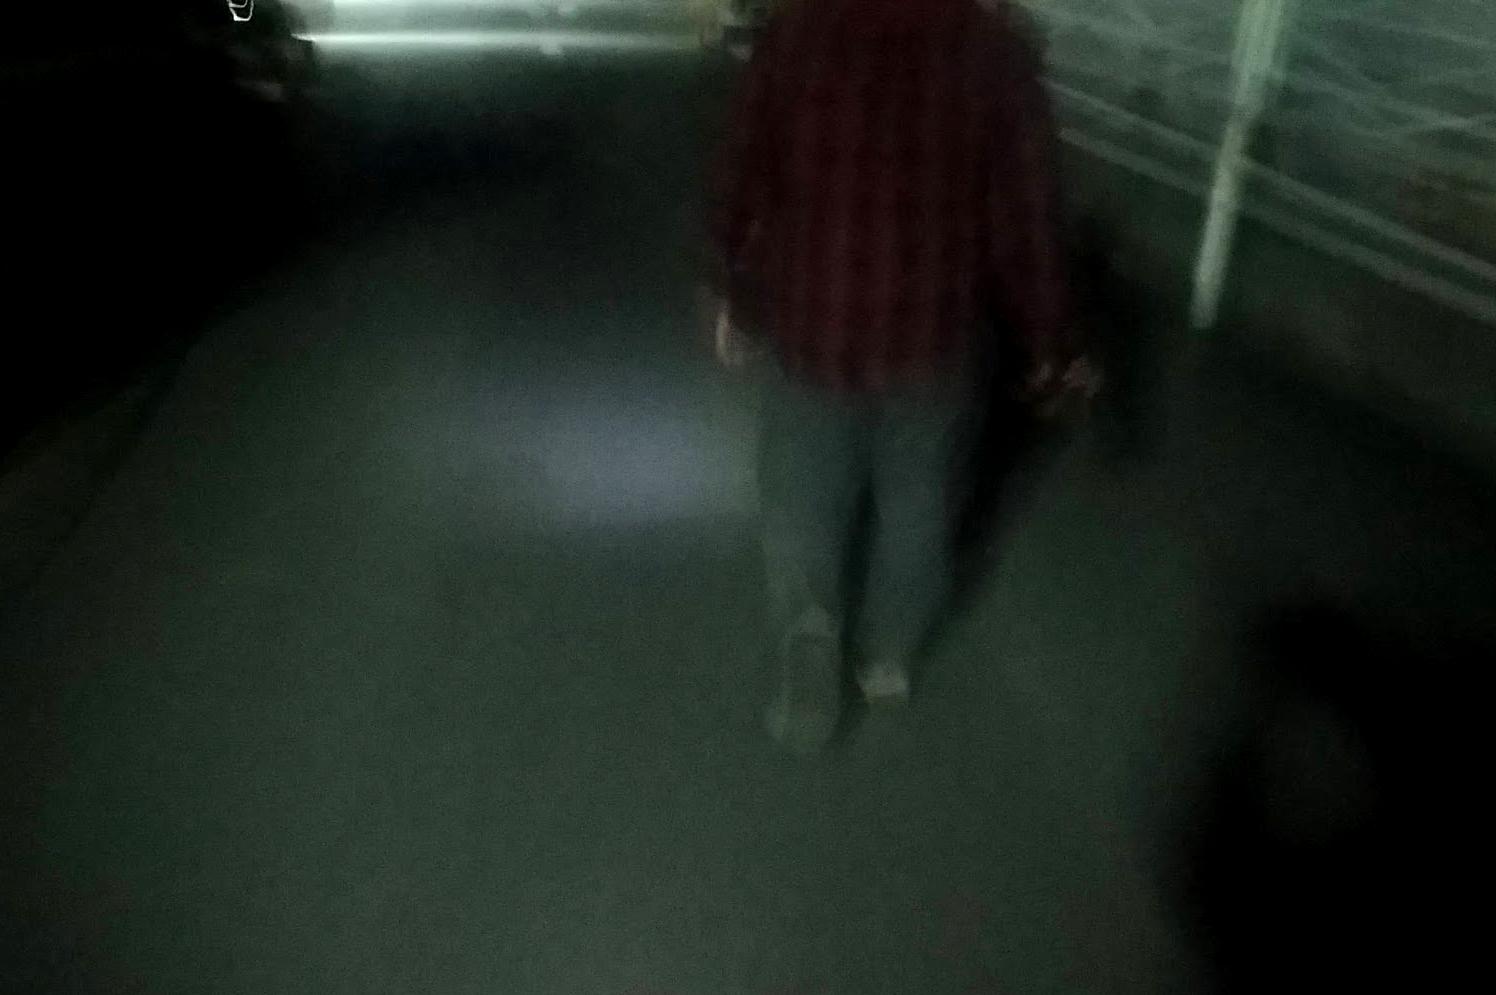 後ろからも、前方を照らすライトが見えます。後ろからみても人がいることがよくわかります